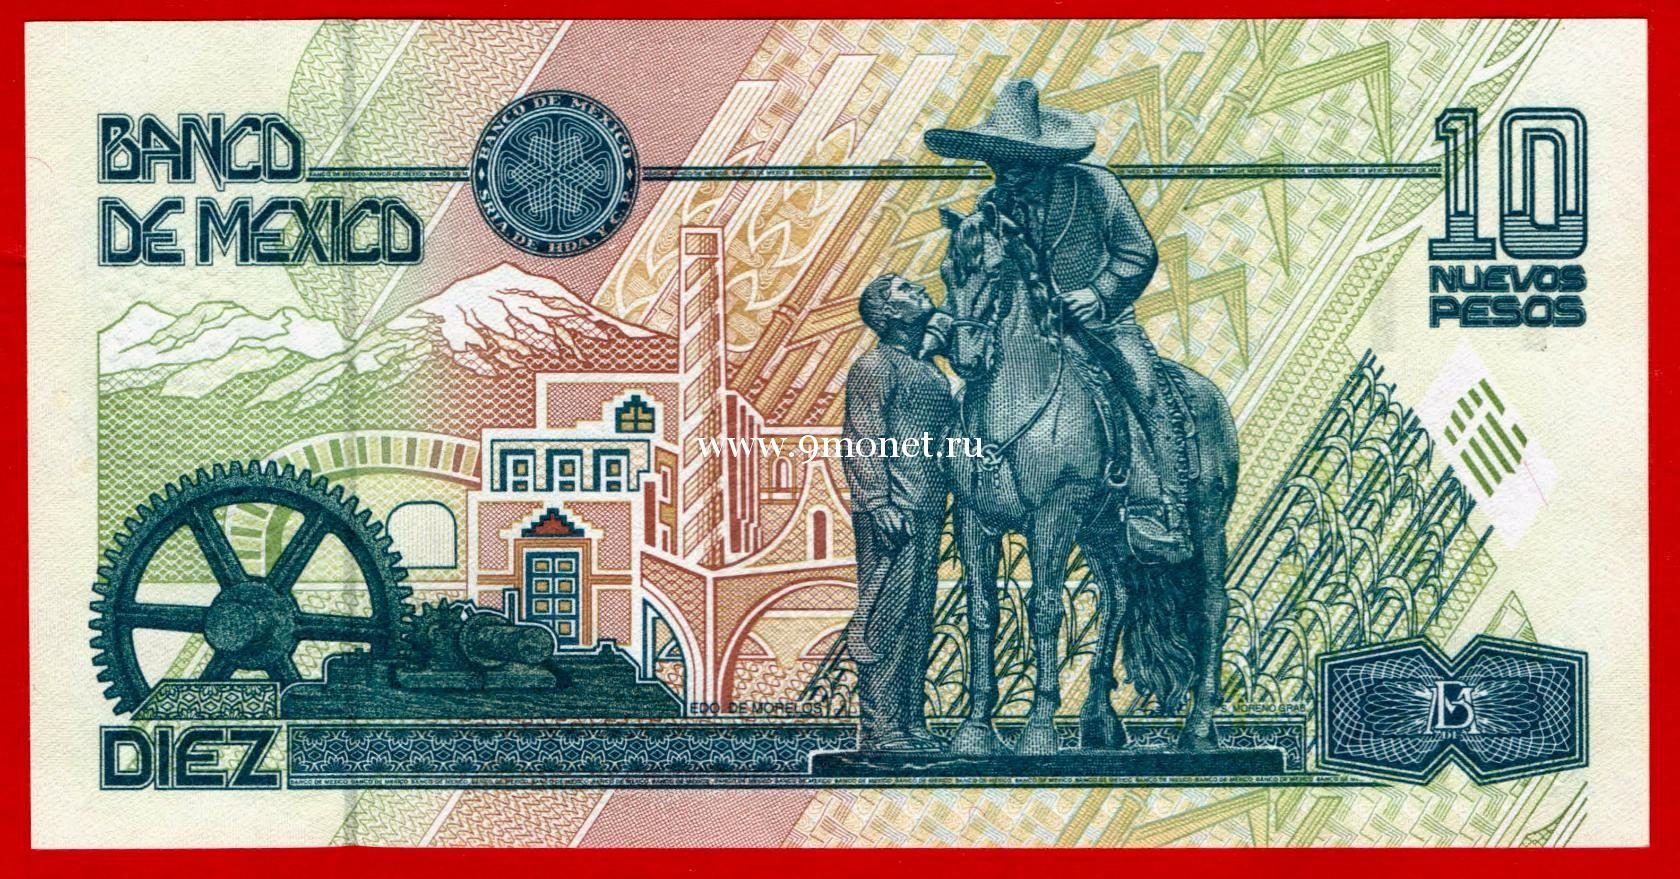 1992 год. Мексика банкнота 10 песо.(nuevos pesos) UNC